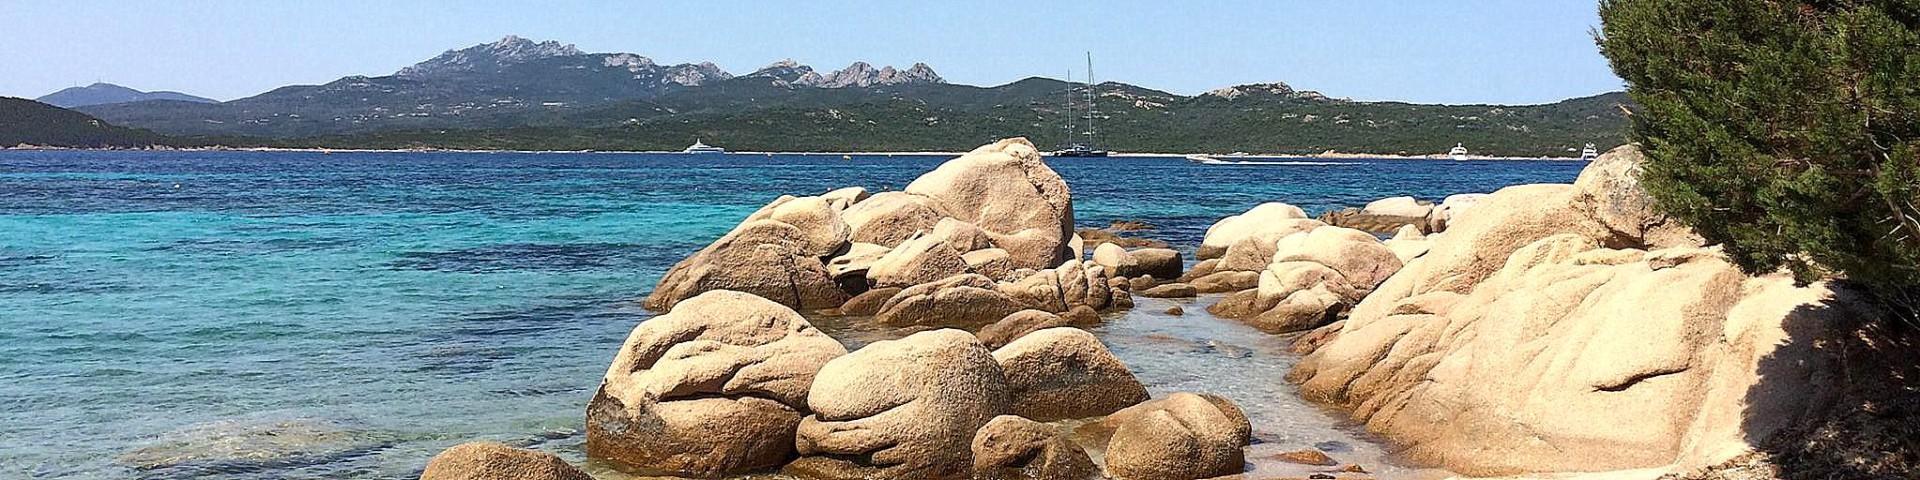 Pobřeží Cannigione z pohledu turisty